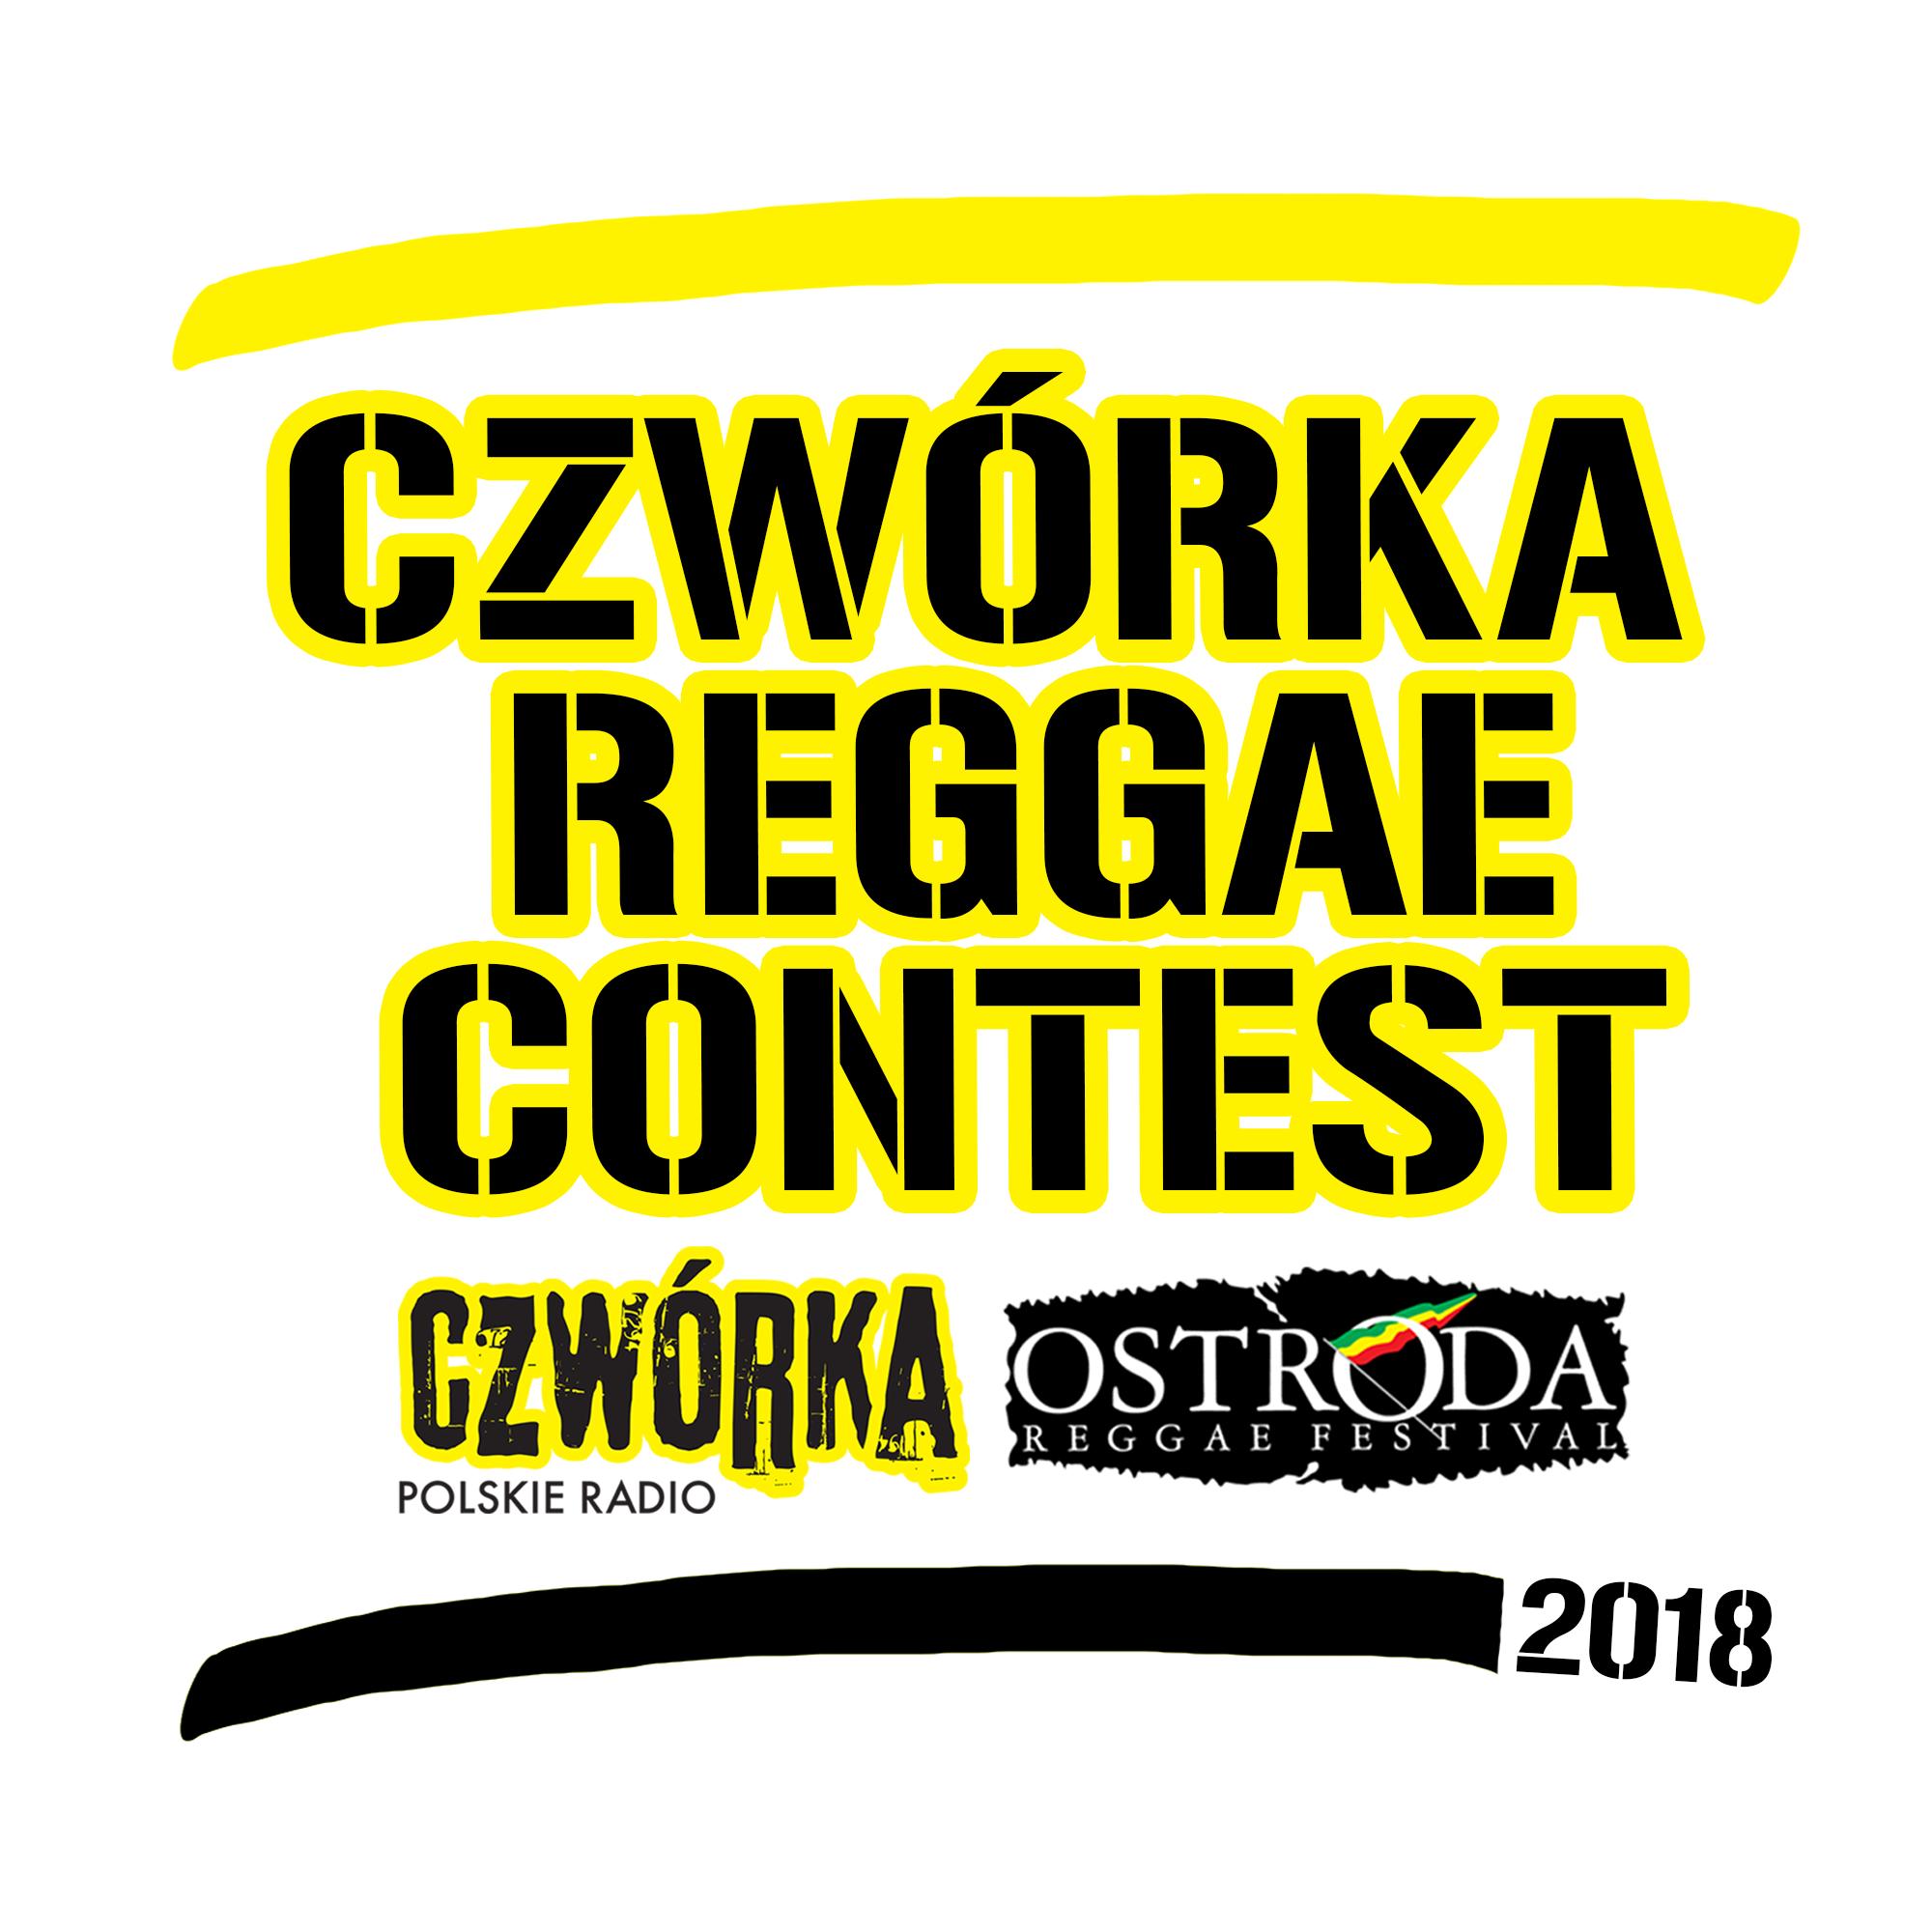 Wystartowały zgłoszenia do Czwórka Reggae Contest!